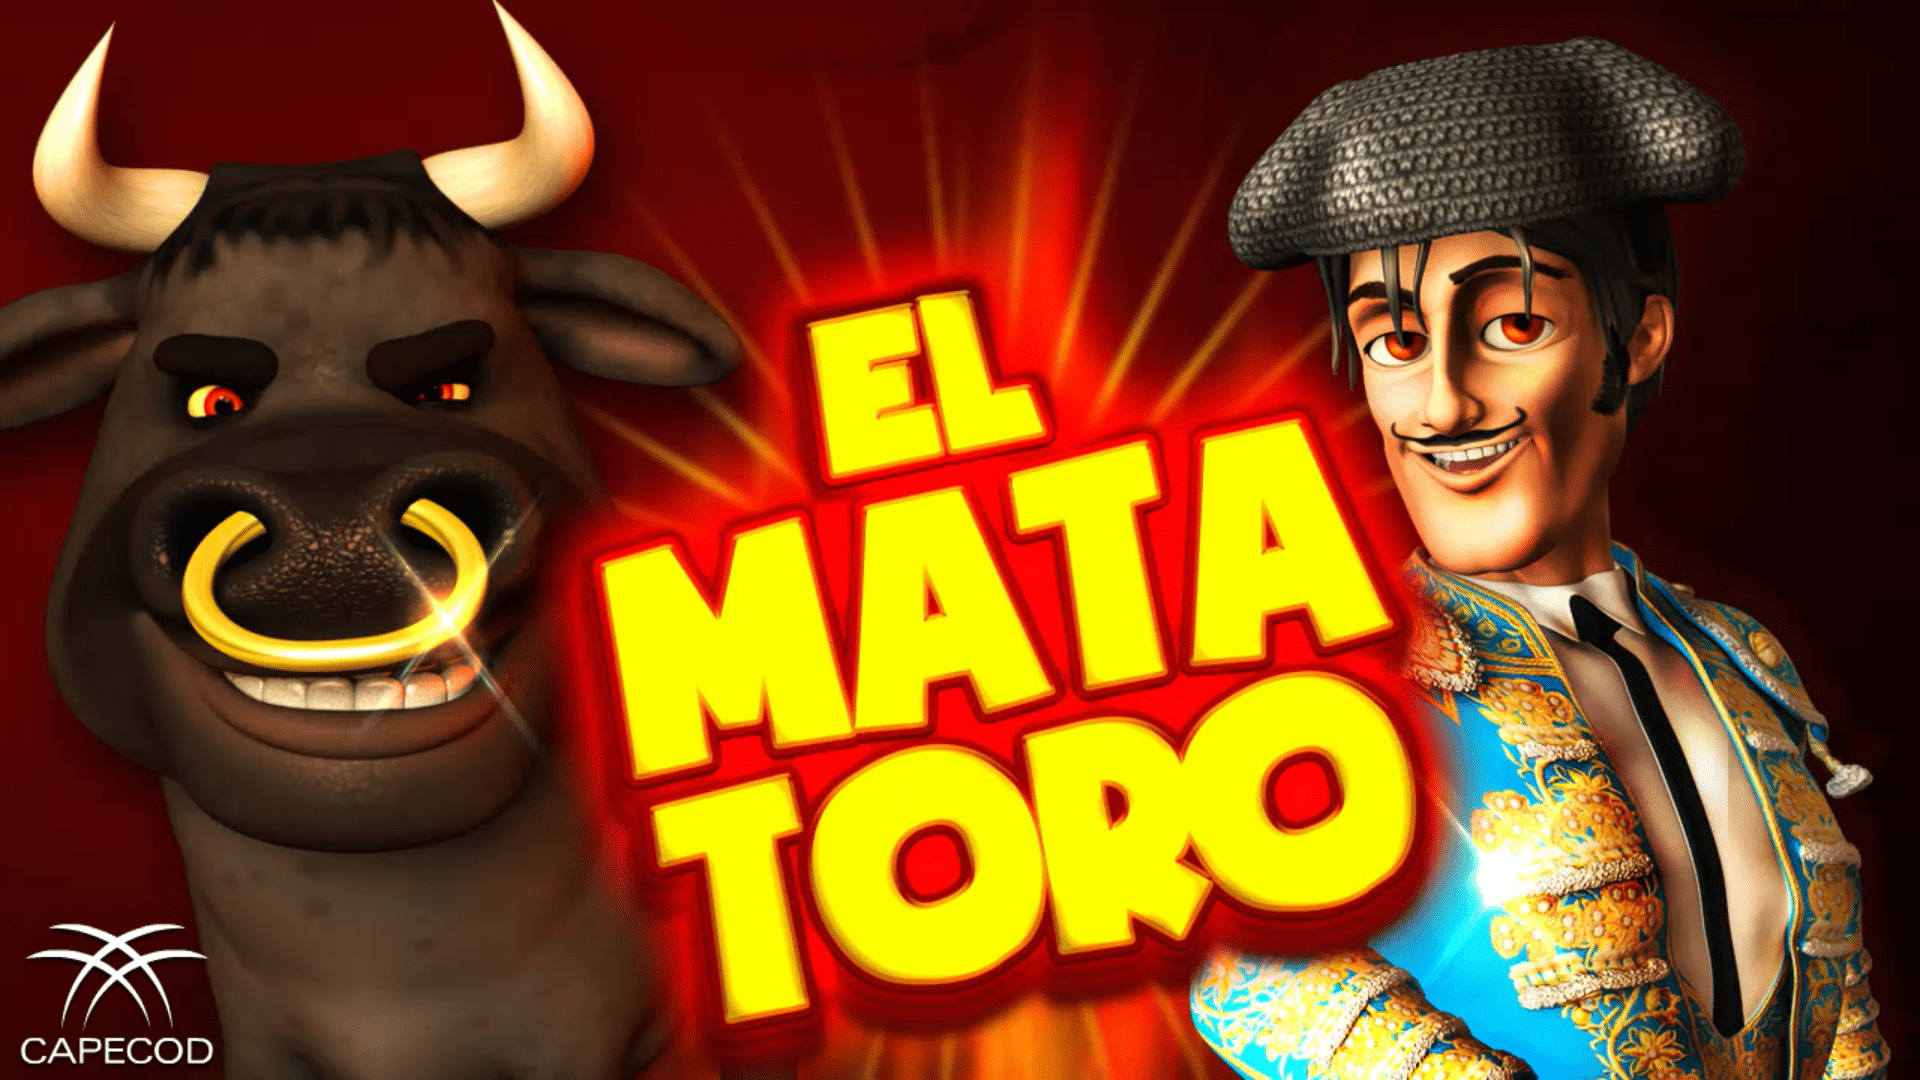 Slot El Mata Toro Gratis